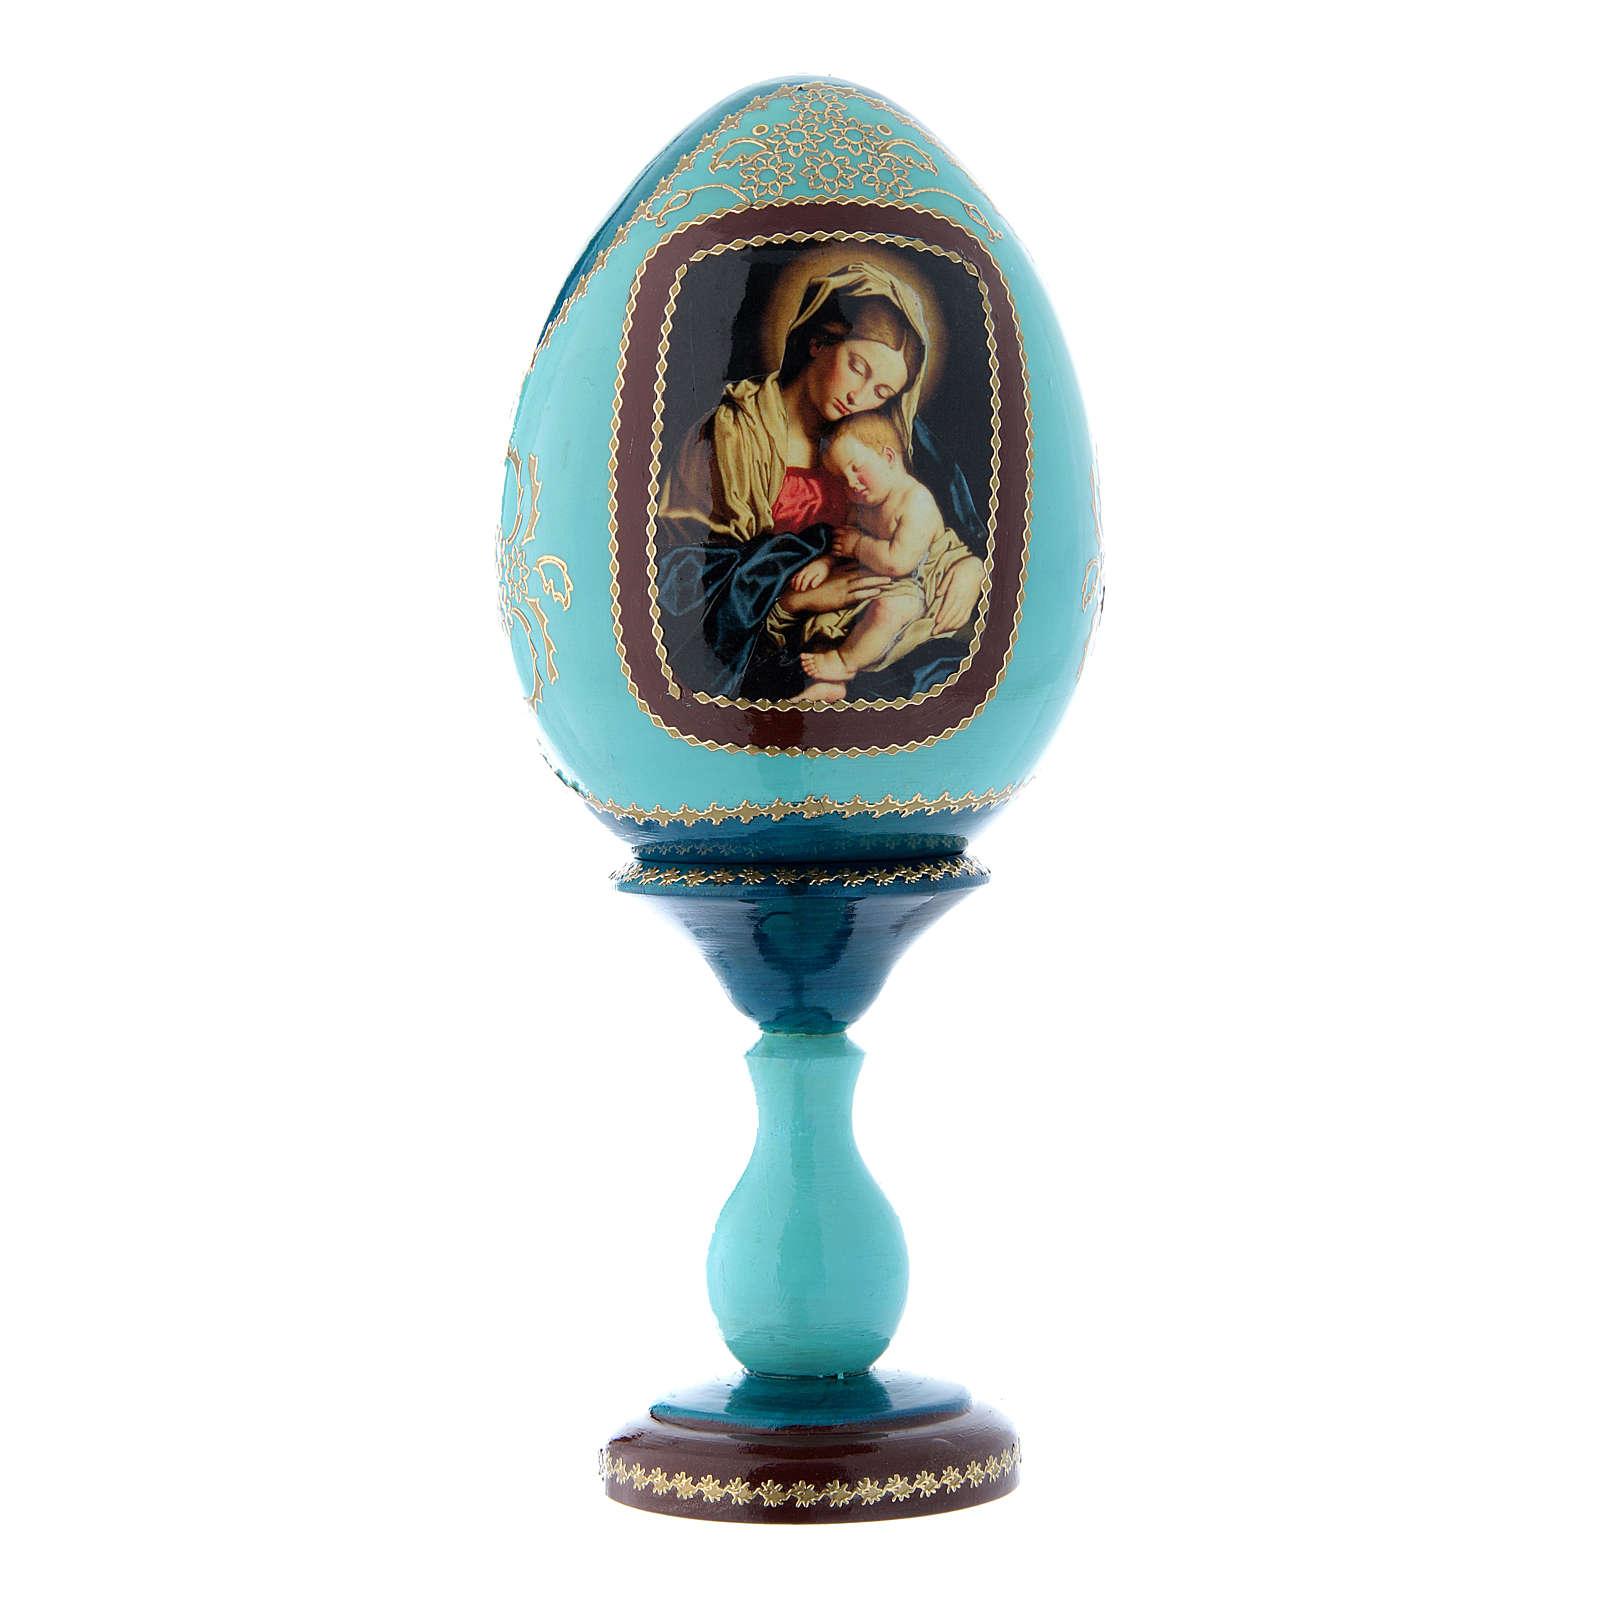 Uovo icona russa in legno blu decorato a mano Madonna col Bambino h tot 20 cm 4